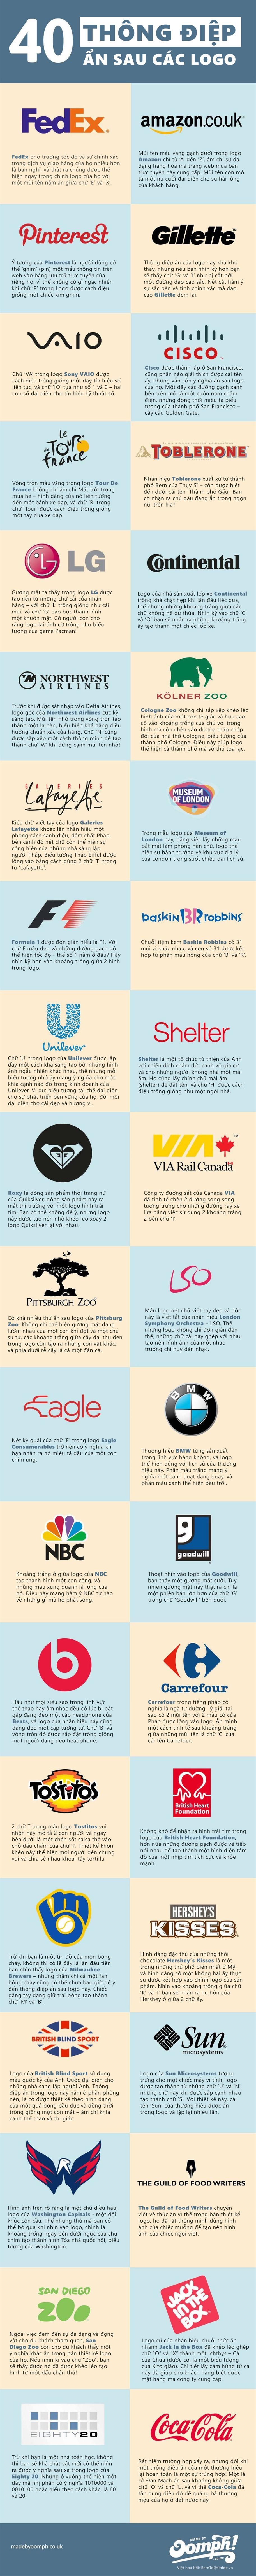 [Infographic] 40 thông điệp ẩn sau 40 logo nổi tiếng